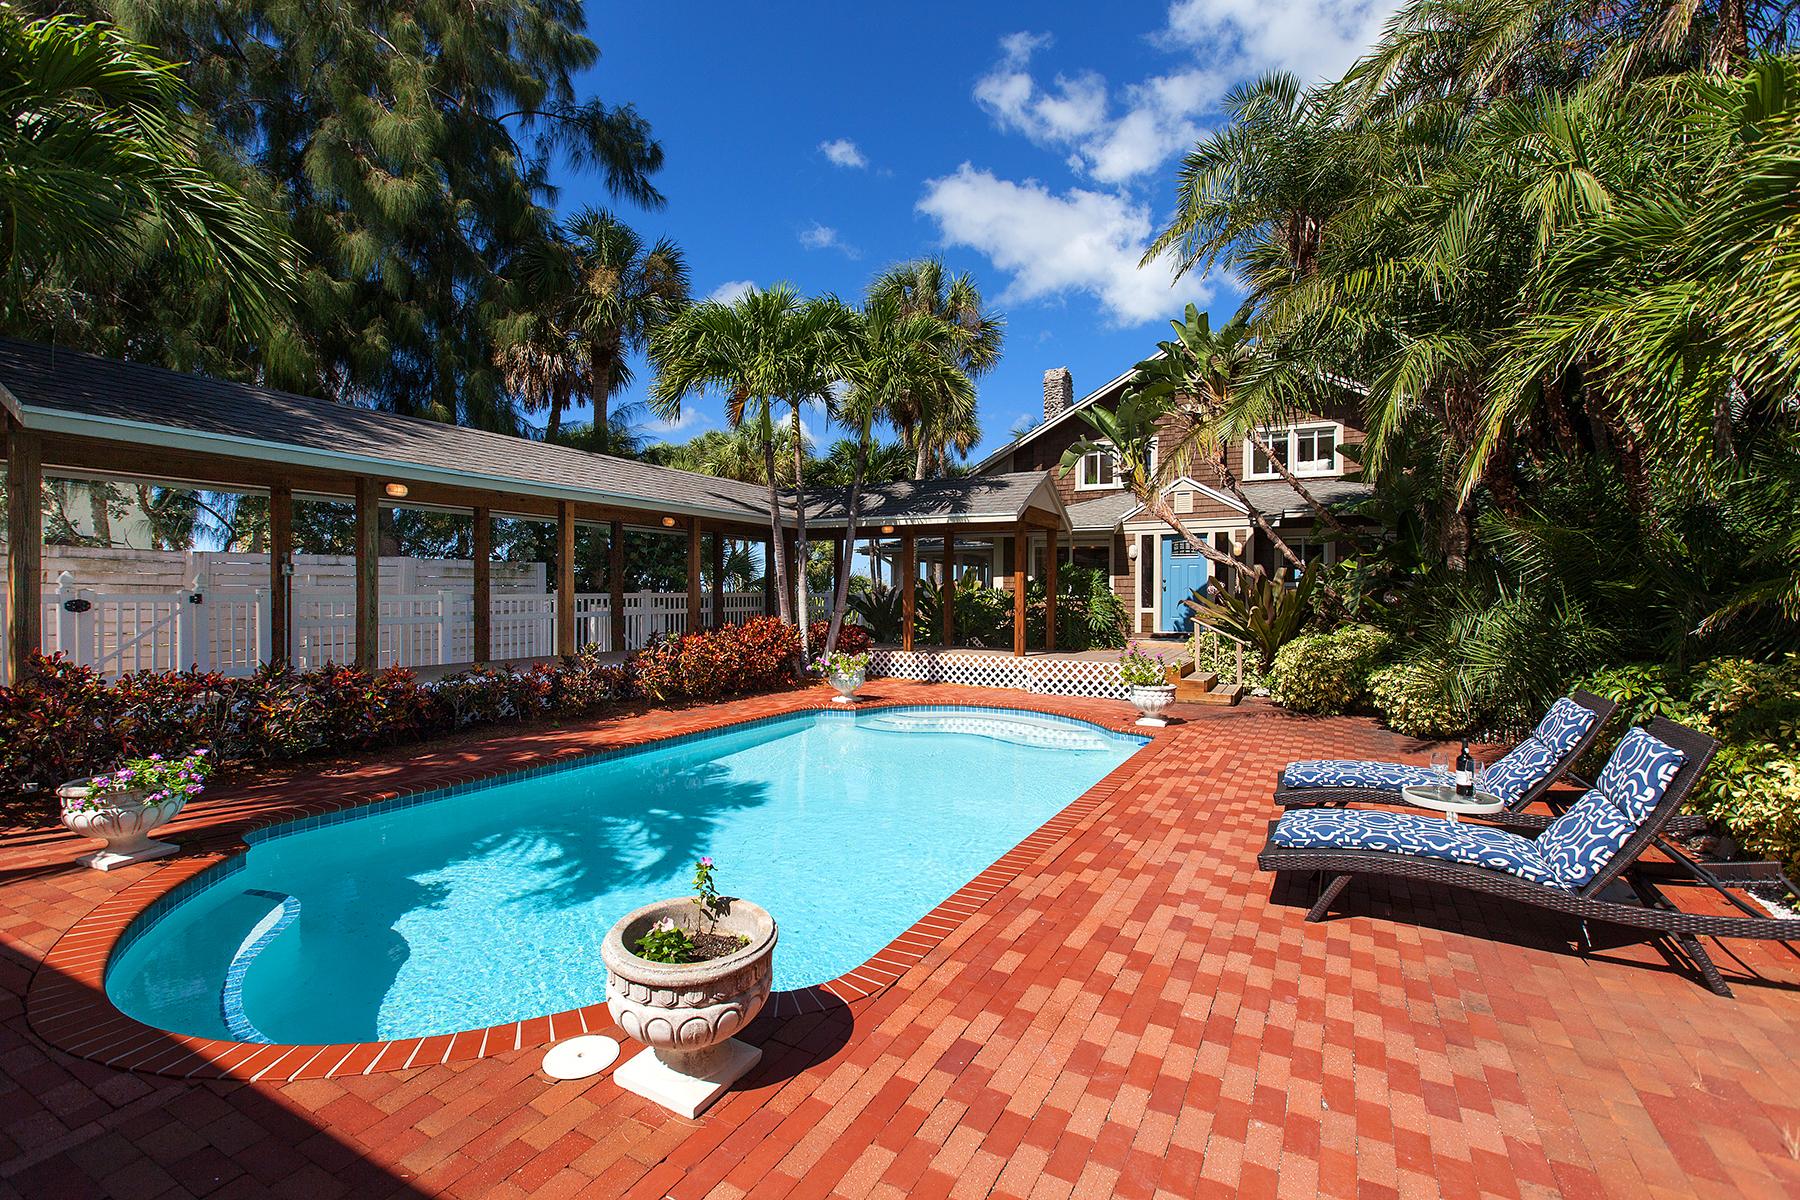 Einfamilienhaus für Verkauf beim SIESTA KEY 4632 Ocean Blvd Sarasota, Florida, 34242 Vereinigte Staaten